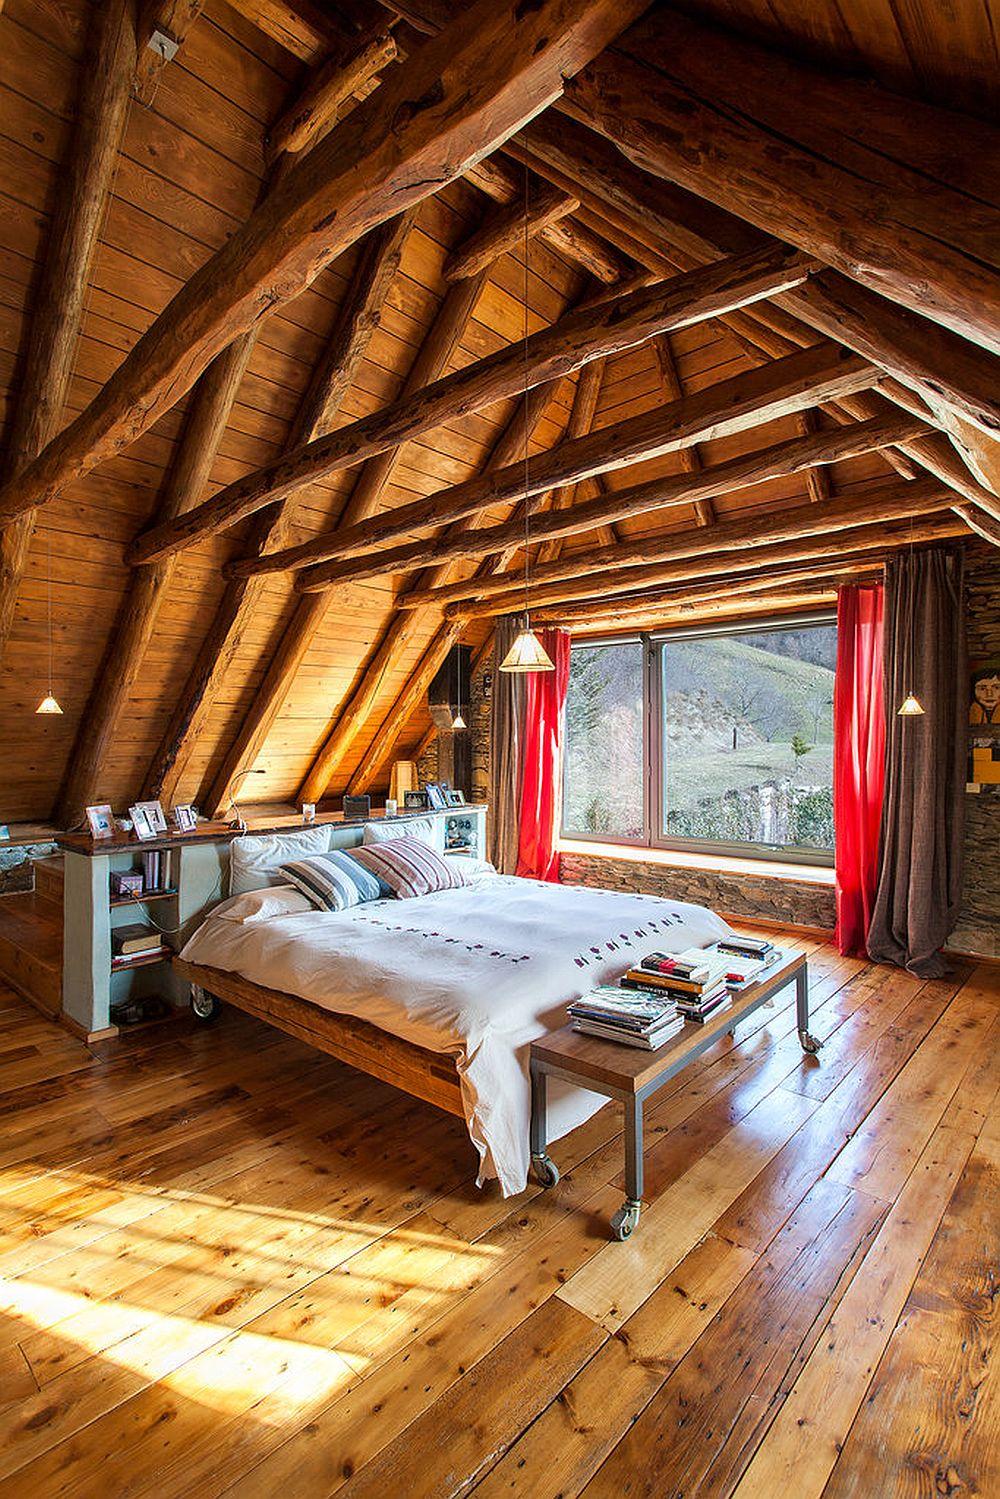 adelaparvu.com despre casa rustica cu interior modern in muntii Pirinei, Spania, Foto Hikarifoto (11)